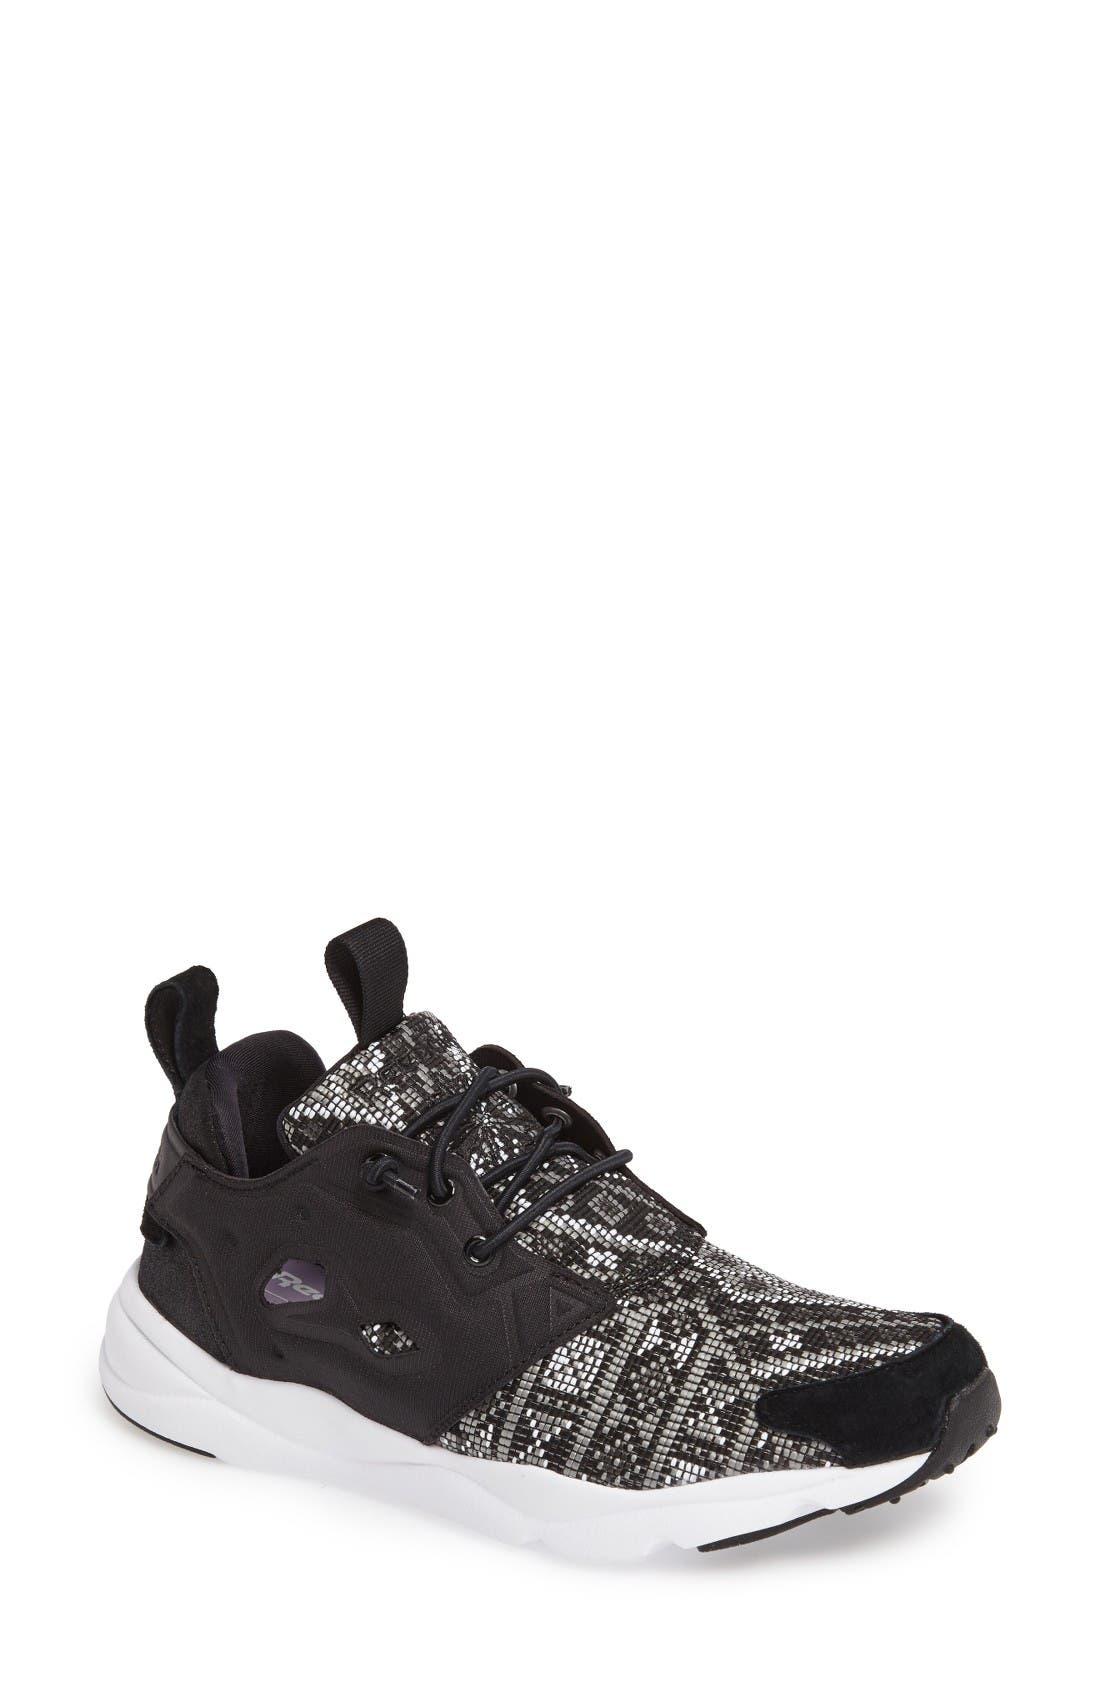 Alternate Image 1 Selected - Reebok Furylite GT Sneaker (Women)